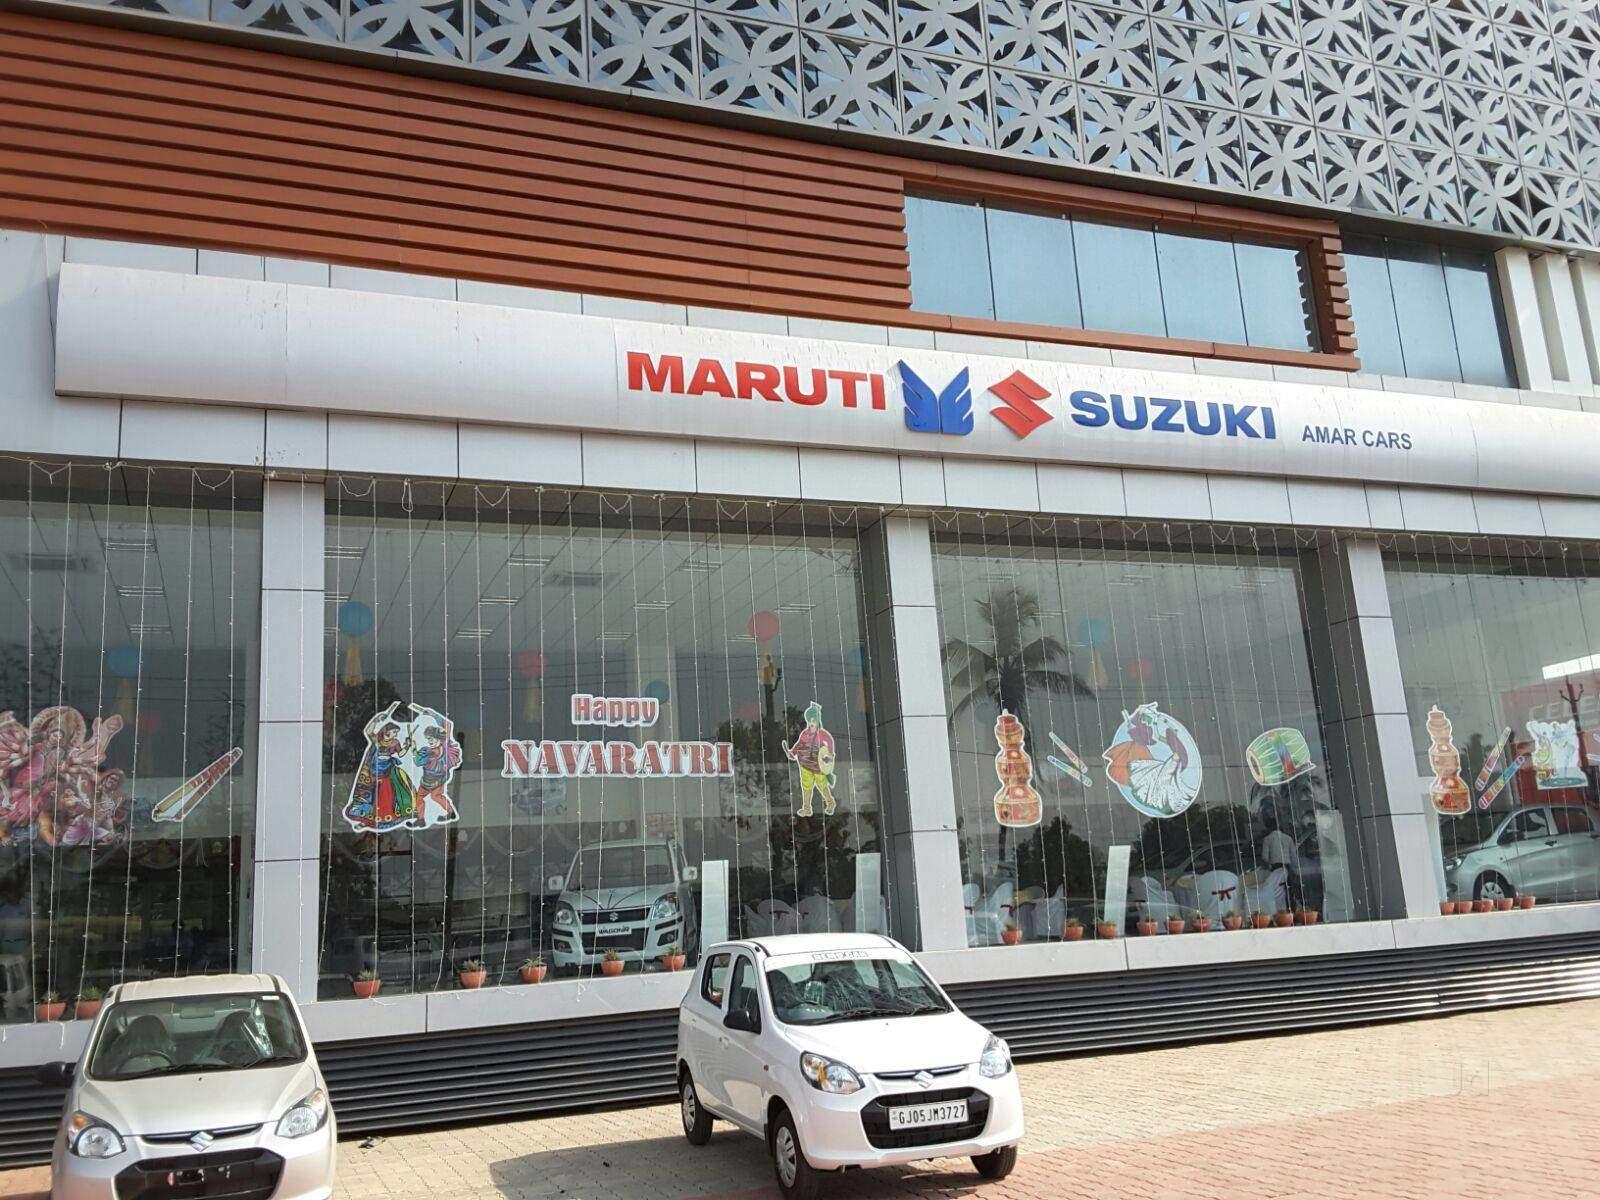 Suzuki Car Dealership >> Top 30 Maruti Suzuki Car Dealers In Katargam Best Maruti Suzuki